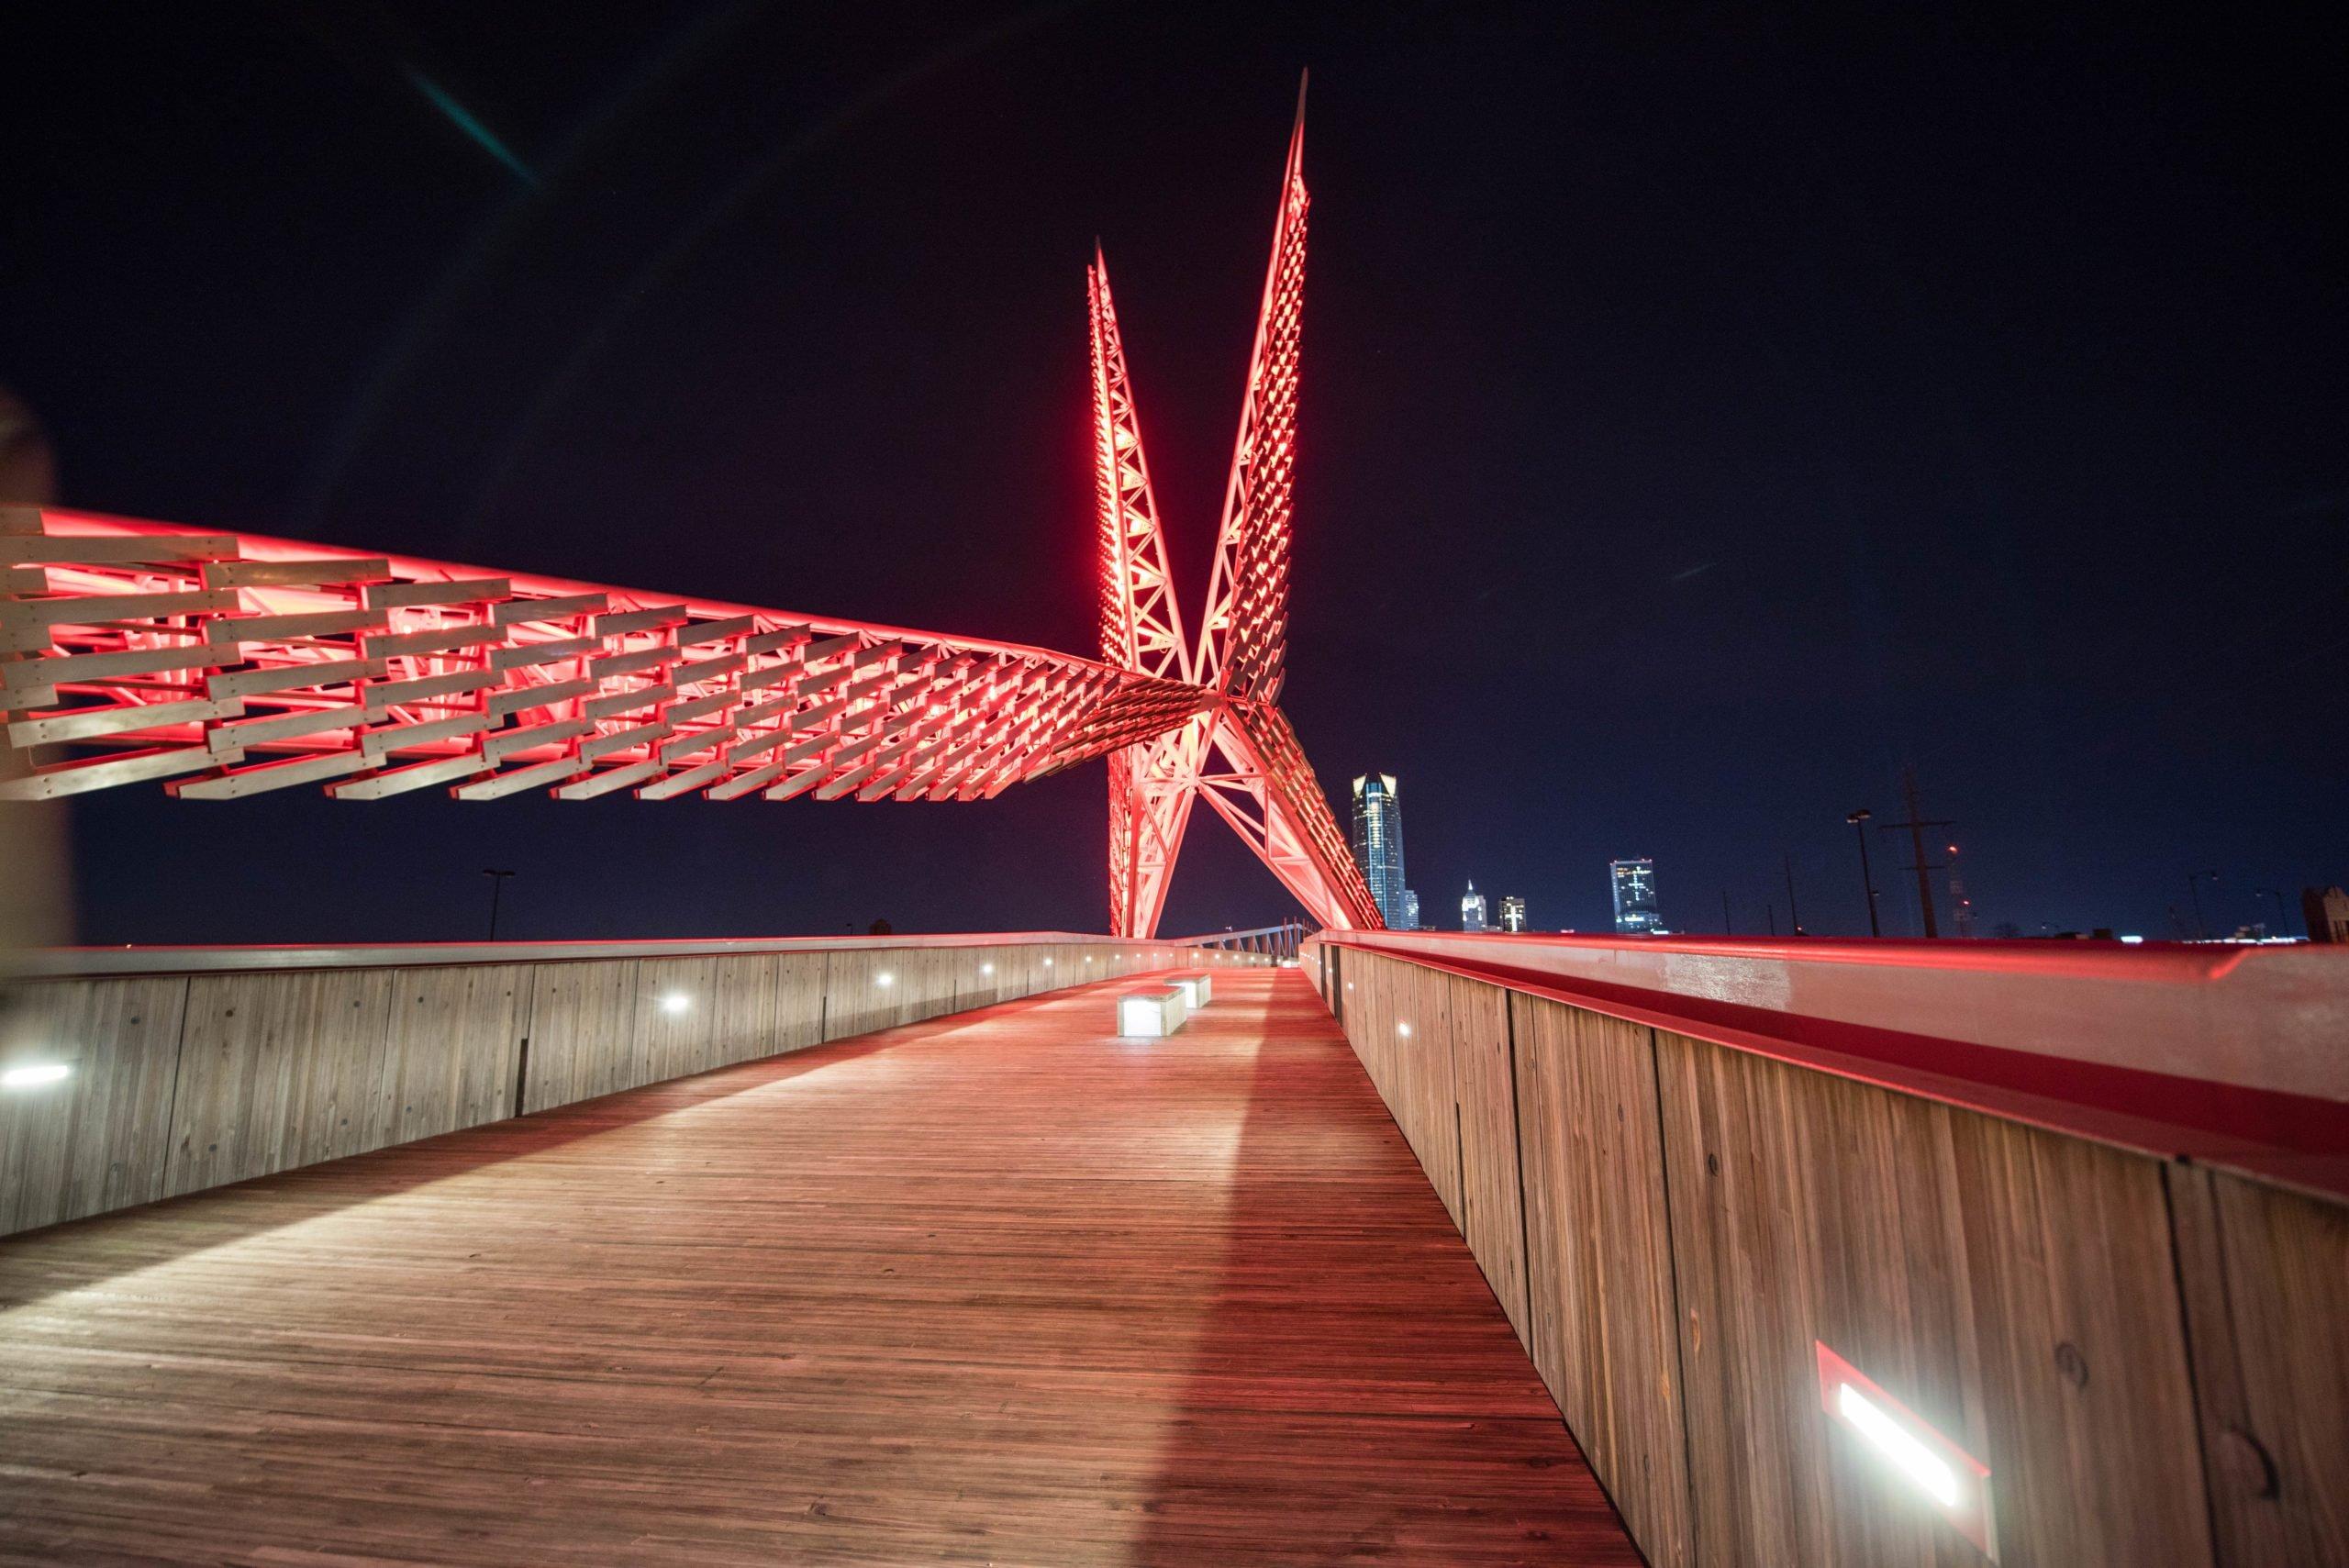 sky dance bridge